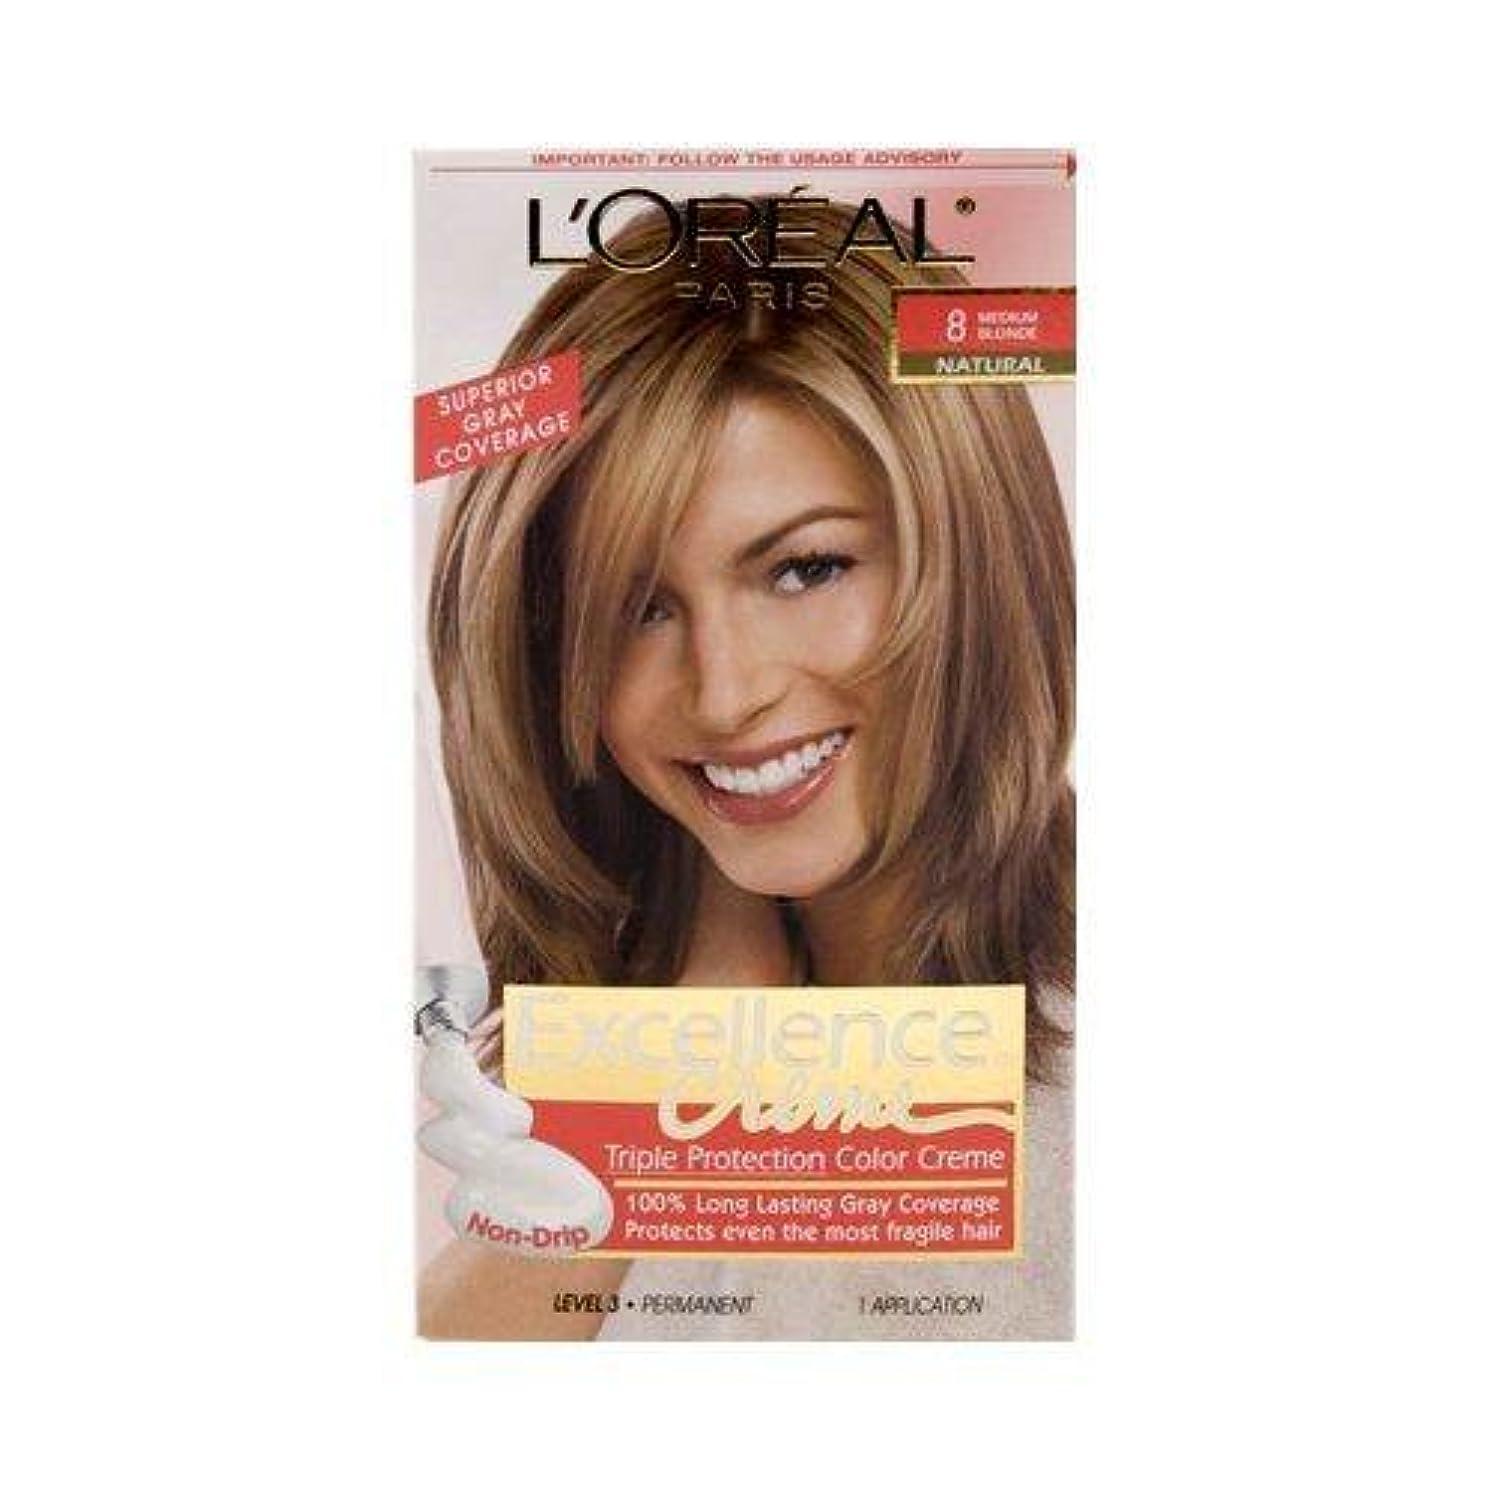 L'Oréal Paris Excellence Créme Permanent Hair Color, 8 Medium Blonde, 1 kit 100% Gray Coverage Hair Dye